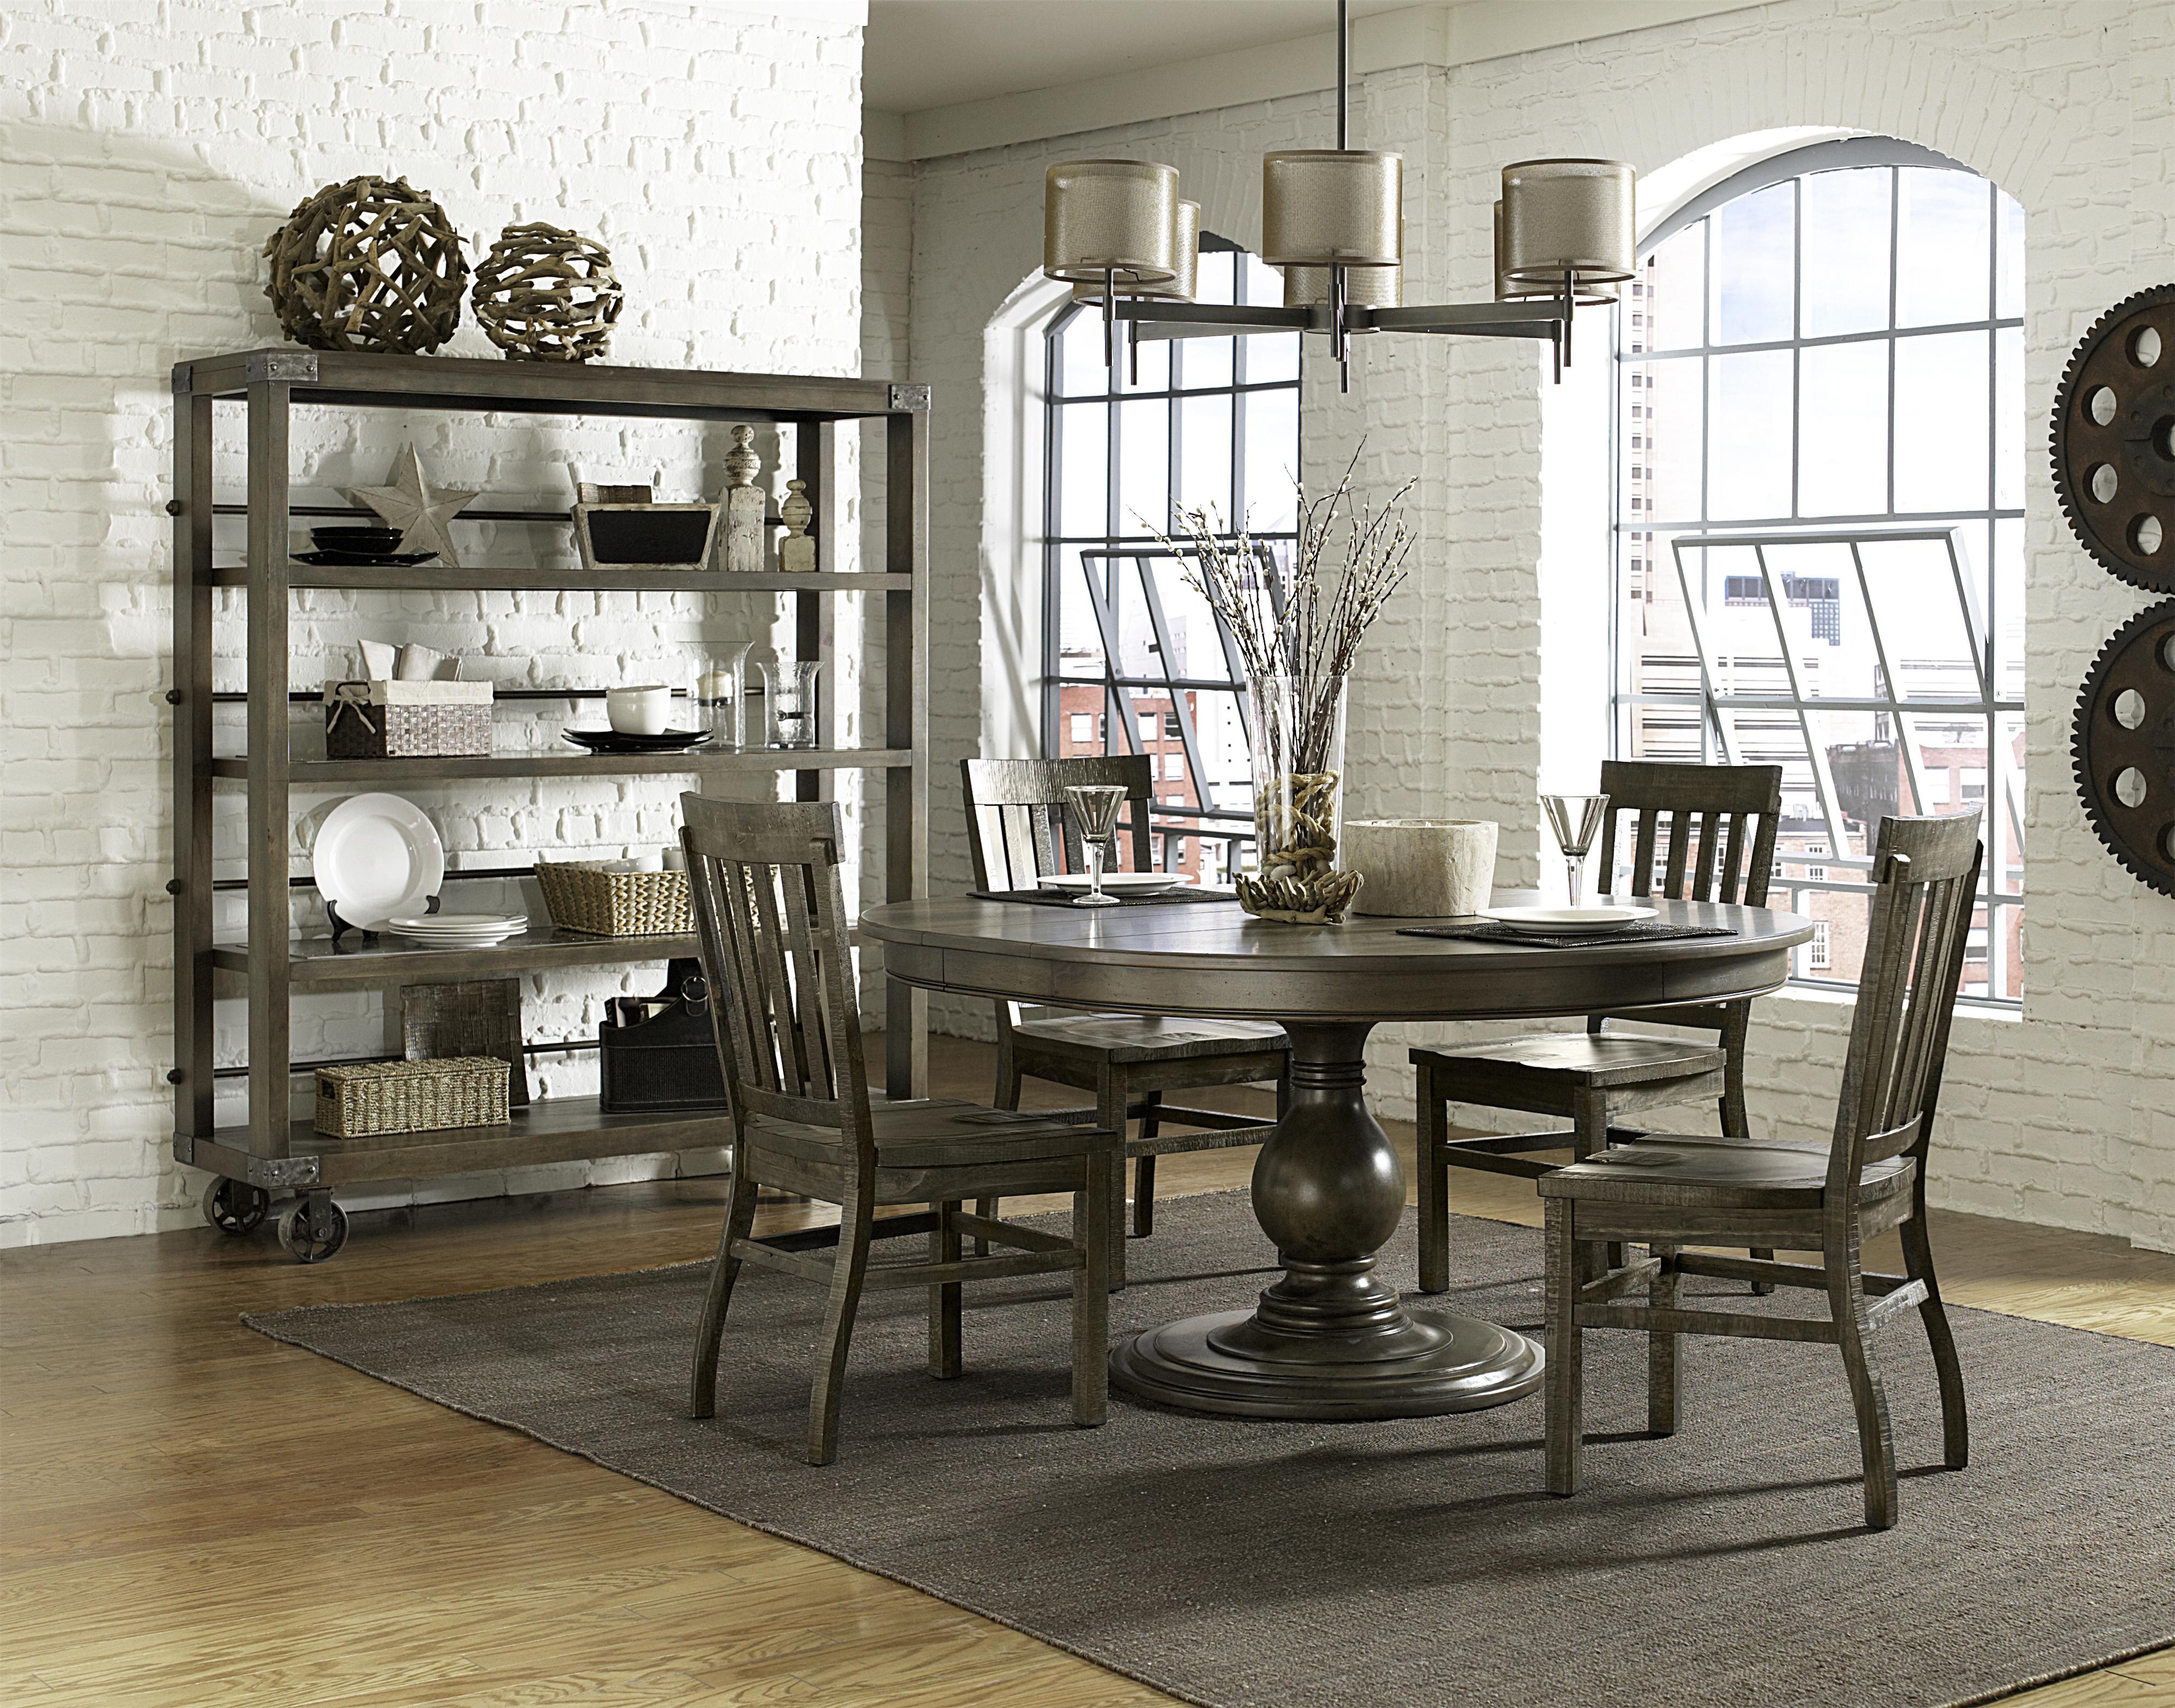 magnussen home dining room - Magnussen Dining Room Furniture